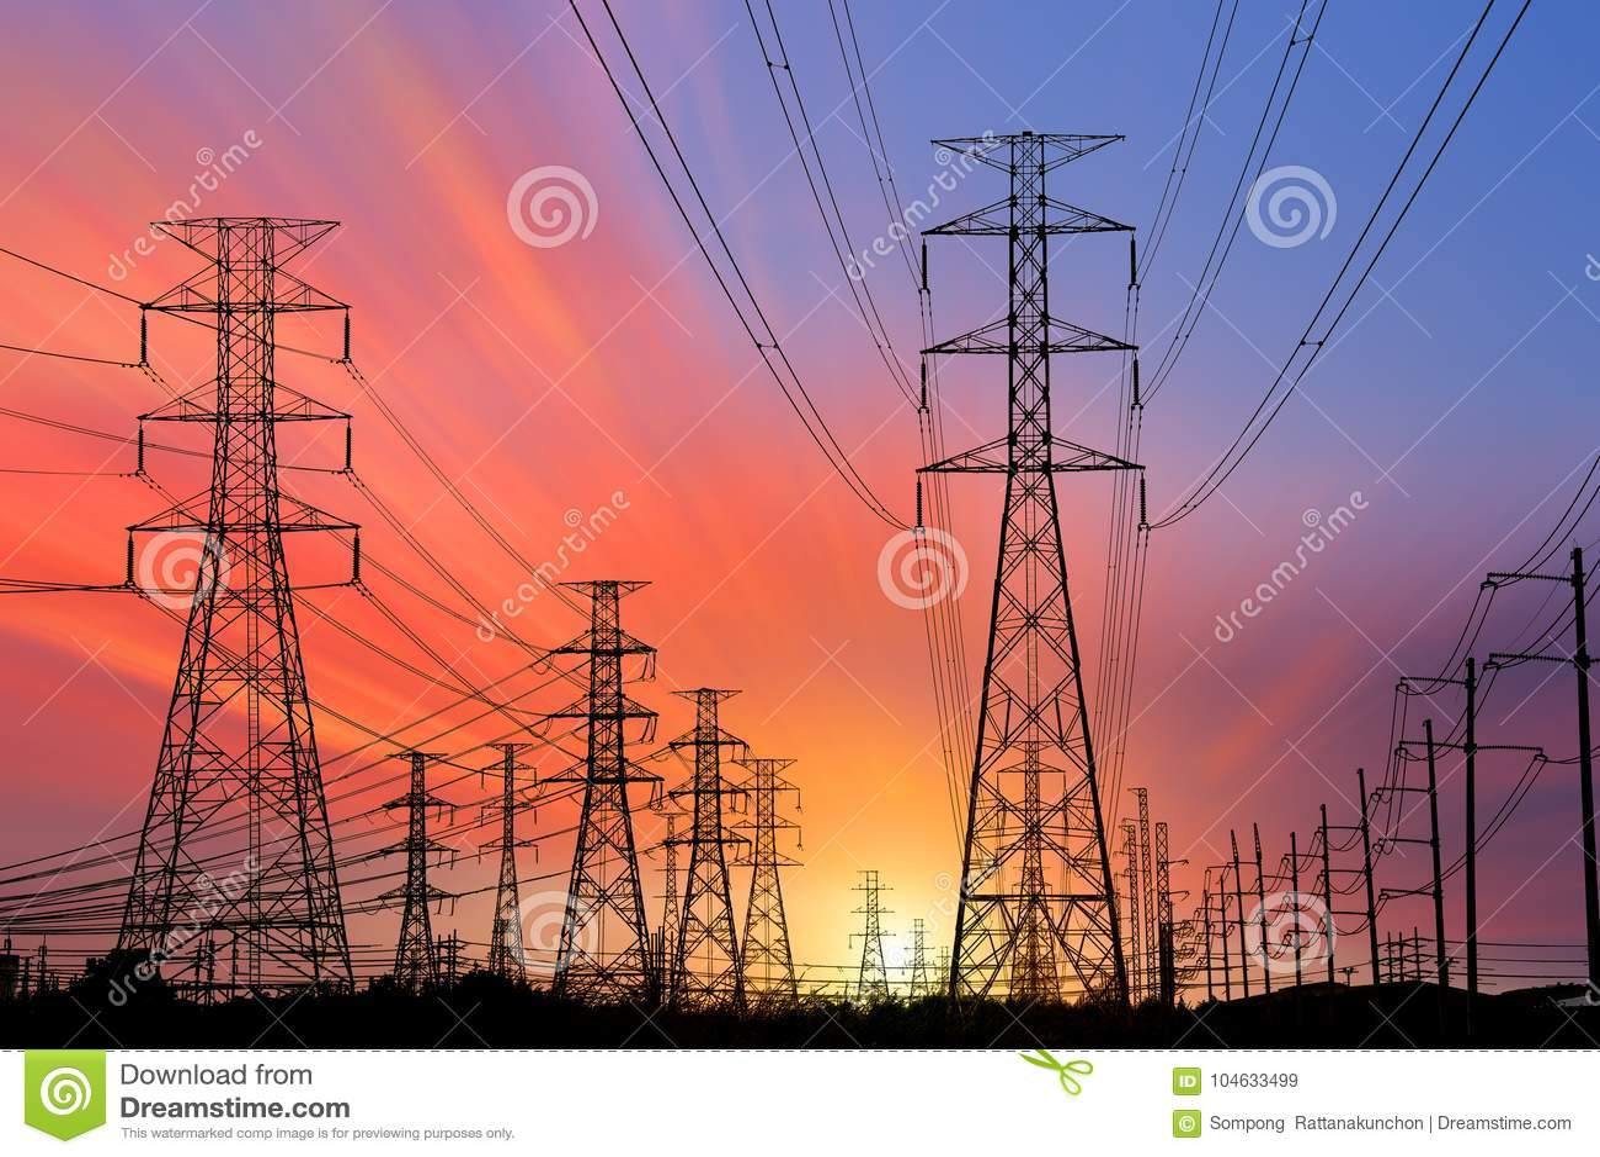 Download De Elektrische Toren Van De Silhouethoogspanning Stock Afbeelding - Afbeelding bestaande uit techniek, megawatt: 104633499